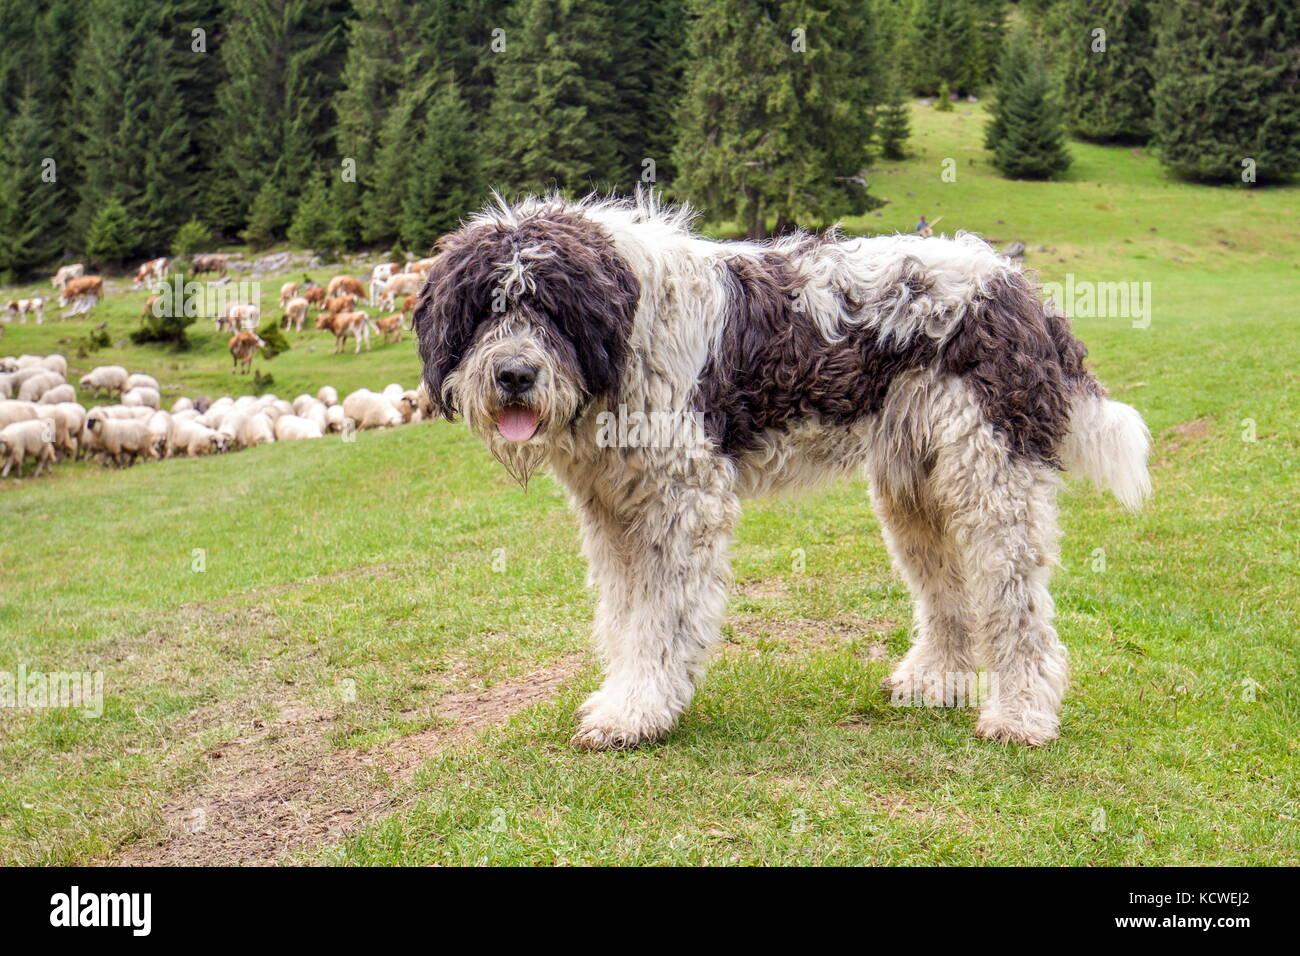 Il Cane Pastore A Guardare La Mandria Di Mucche E Pecore In Montagna